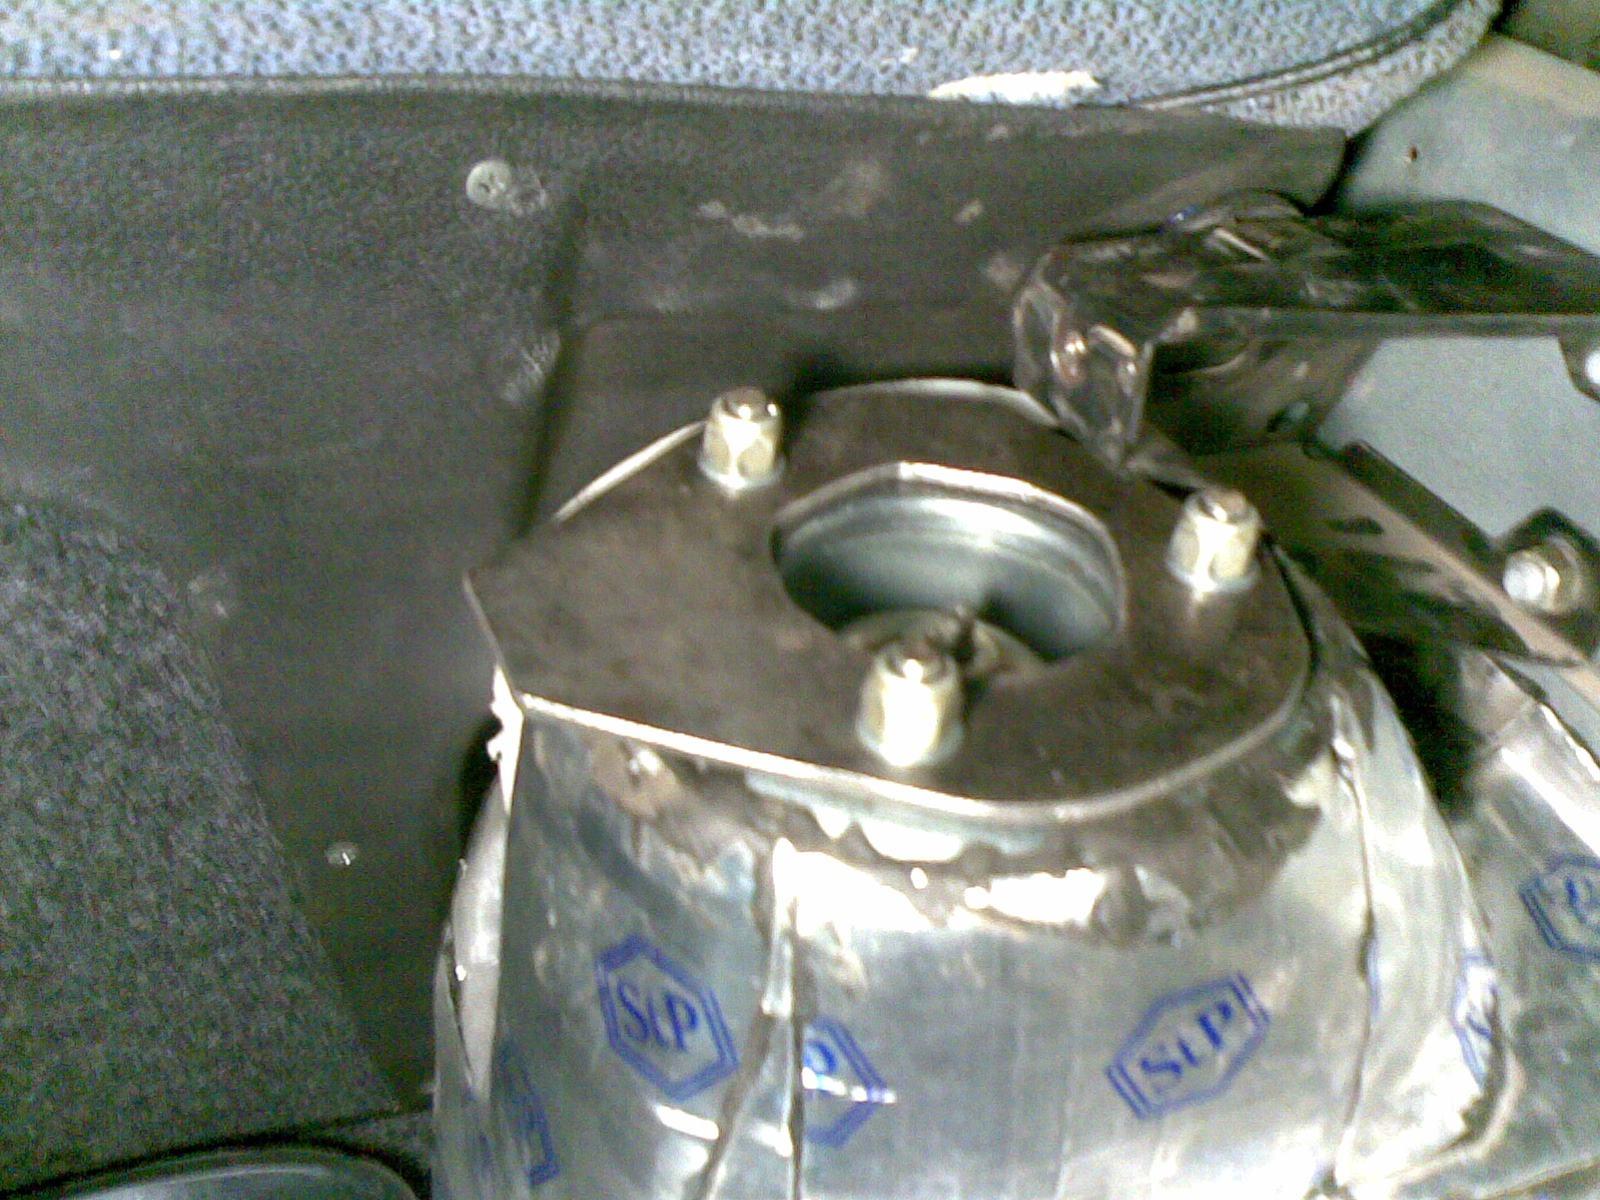 Ремонт заднего стакана ваз 2110 своими руками